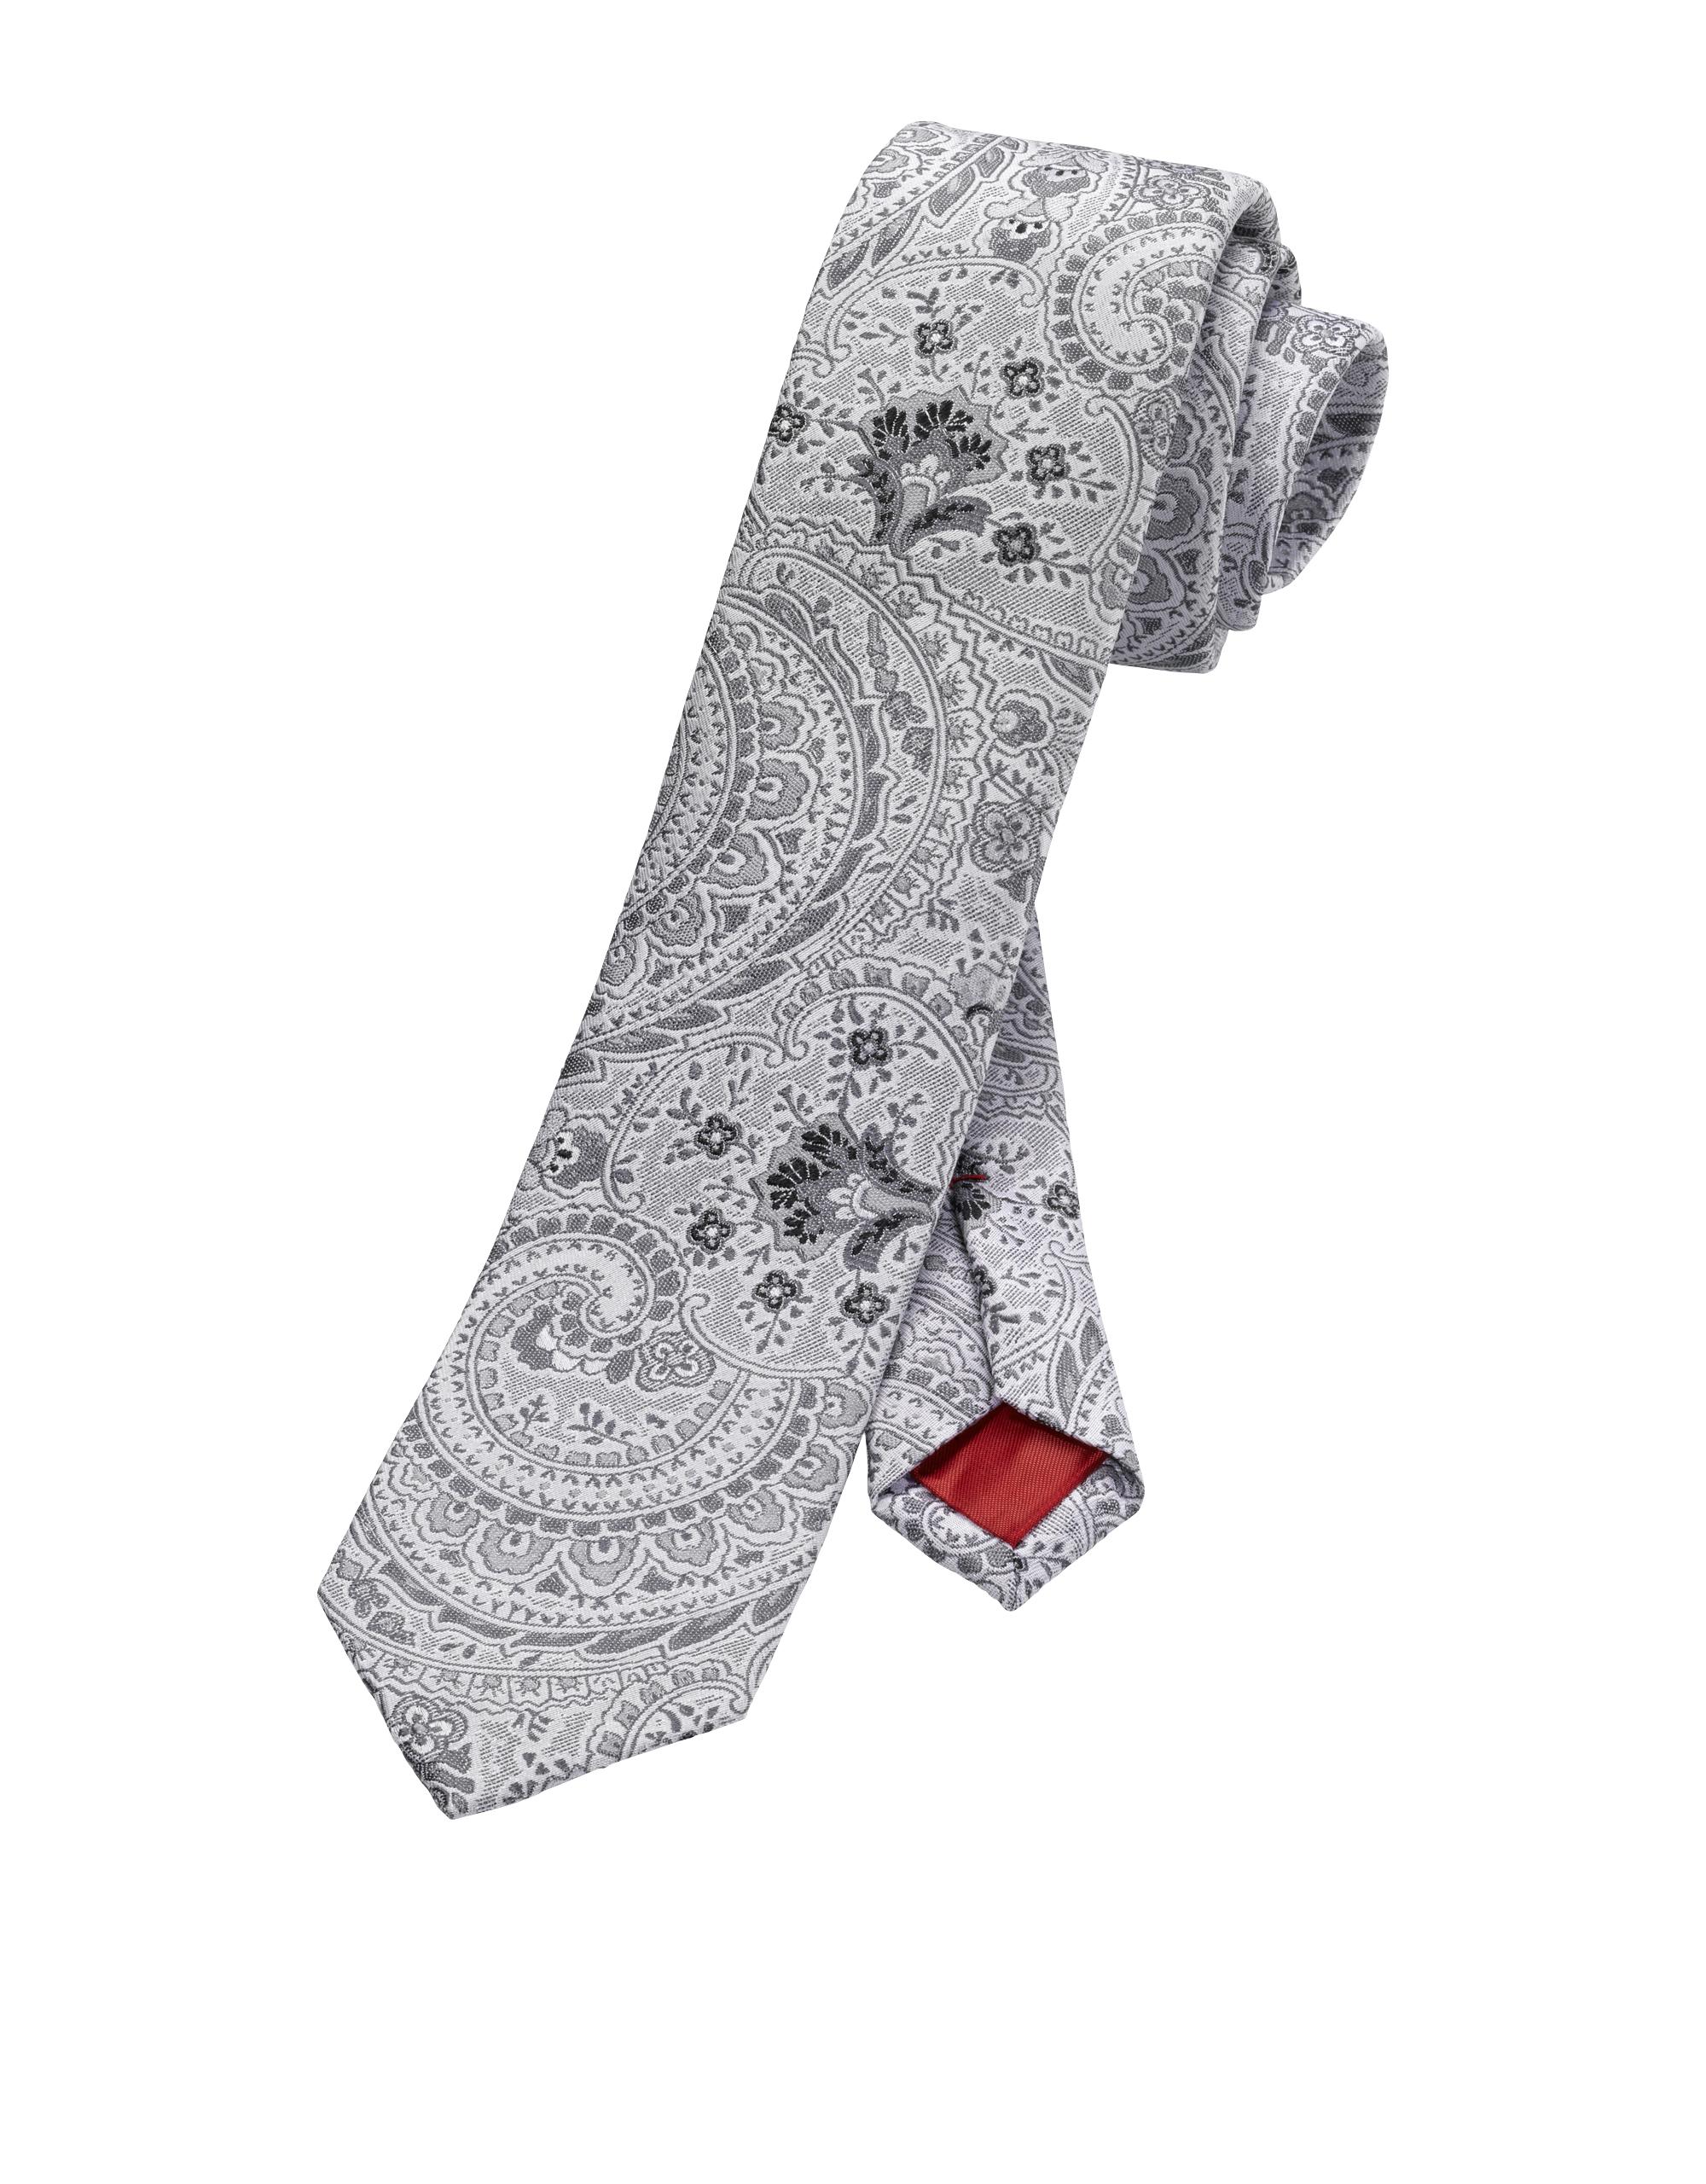 OLYMP  Krawatte, Grau,   Accessoires > Krawatten > Sonstige Krawatten   OLYMP